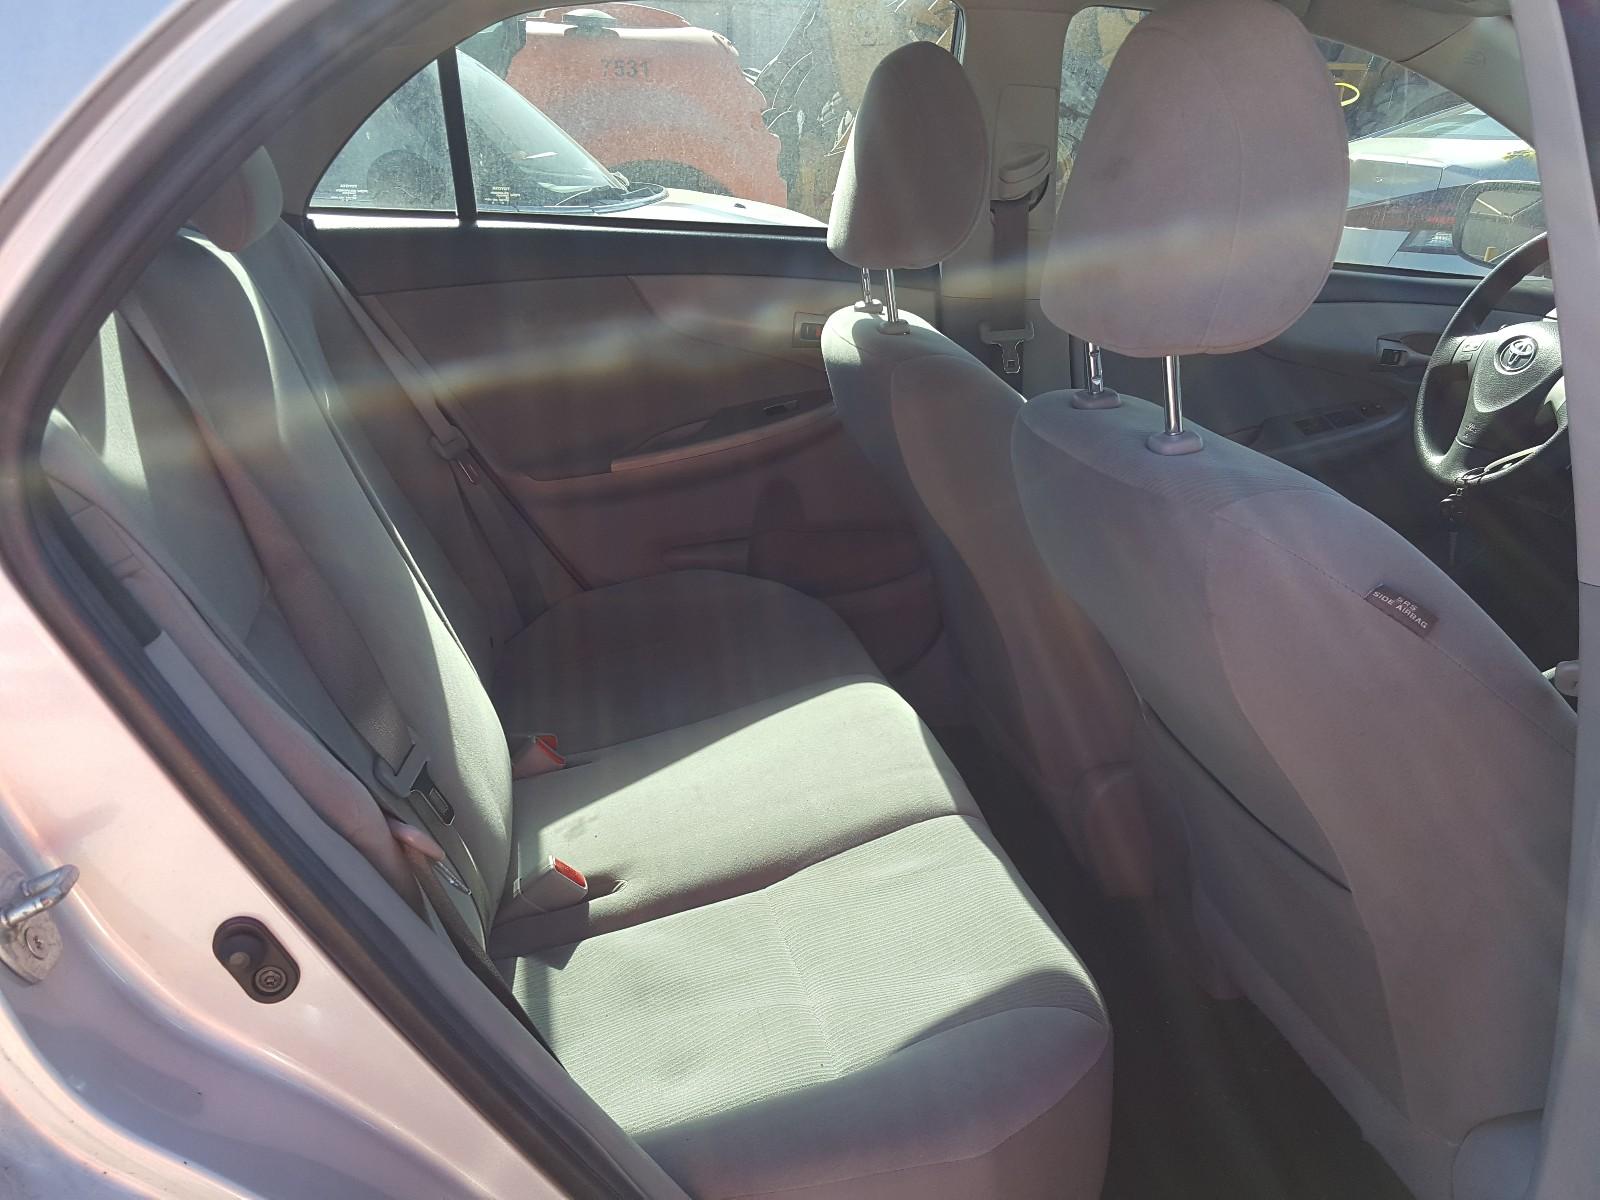 2T1BU4EE0CC763011 - 2012 Toyota Corolla Ba 1.8L detail view